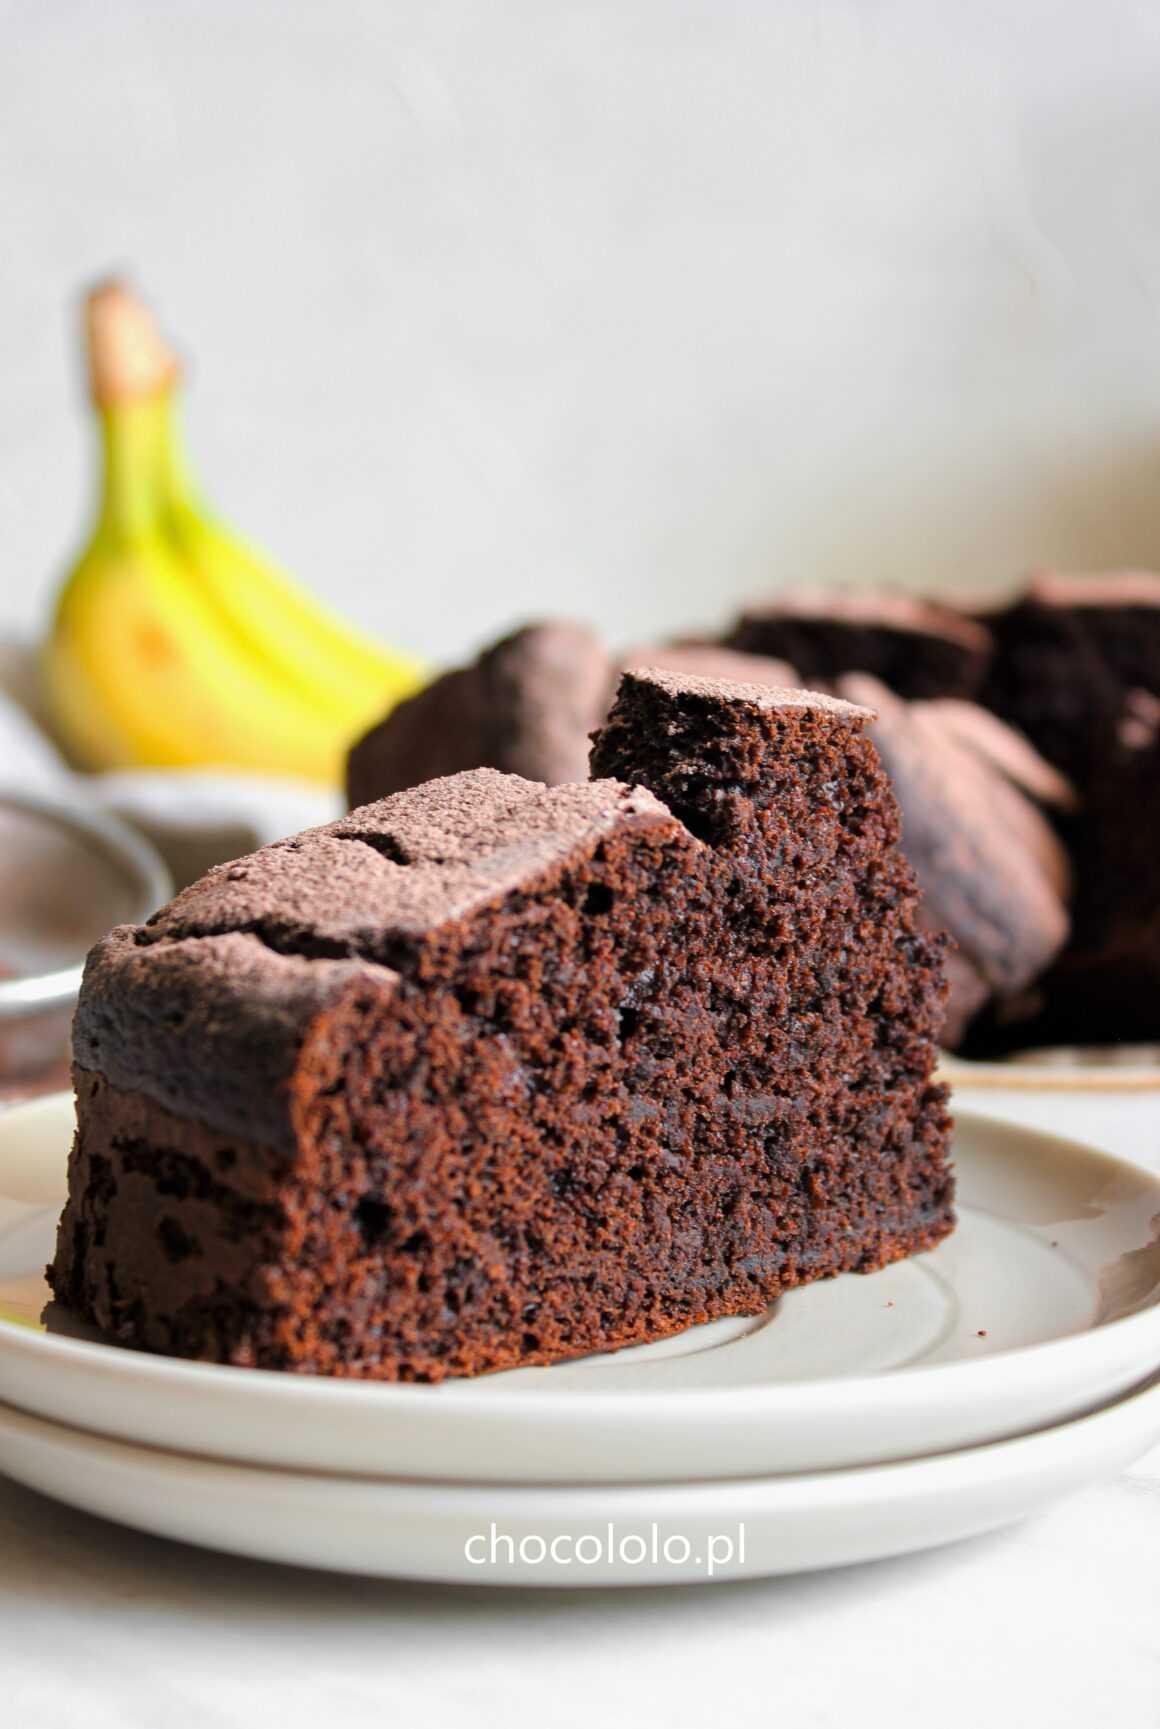 bananowe ciasto czekoladowe (orkiszowe)